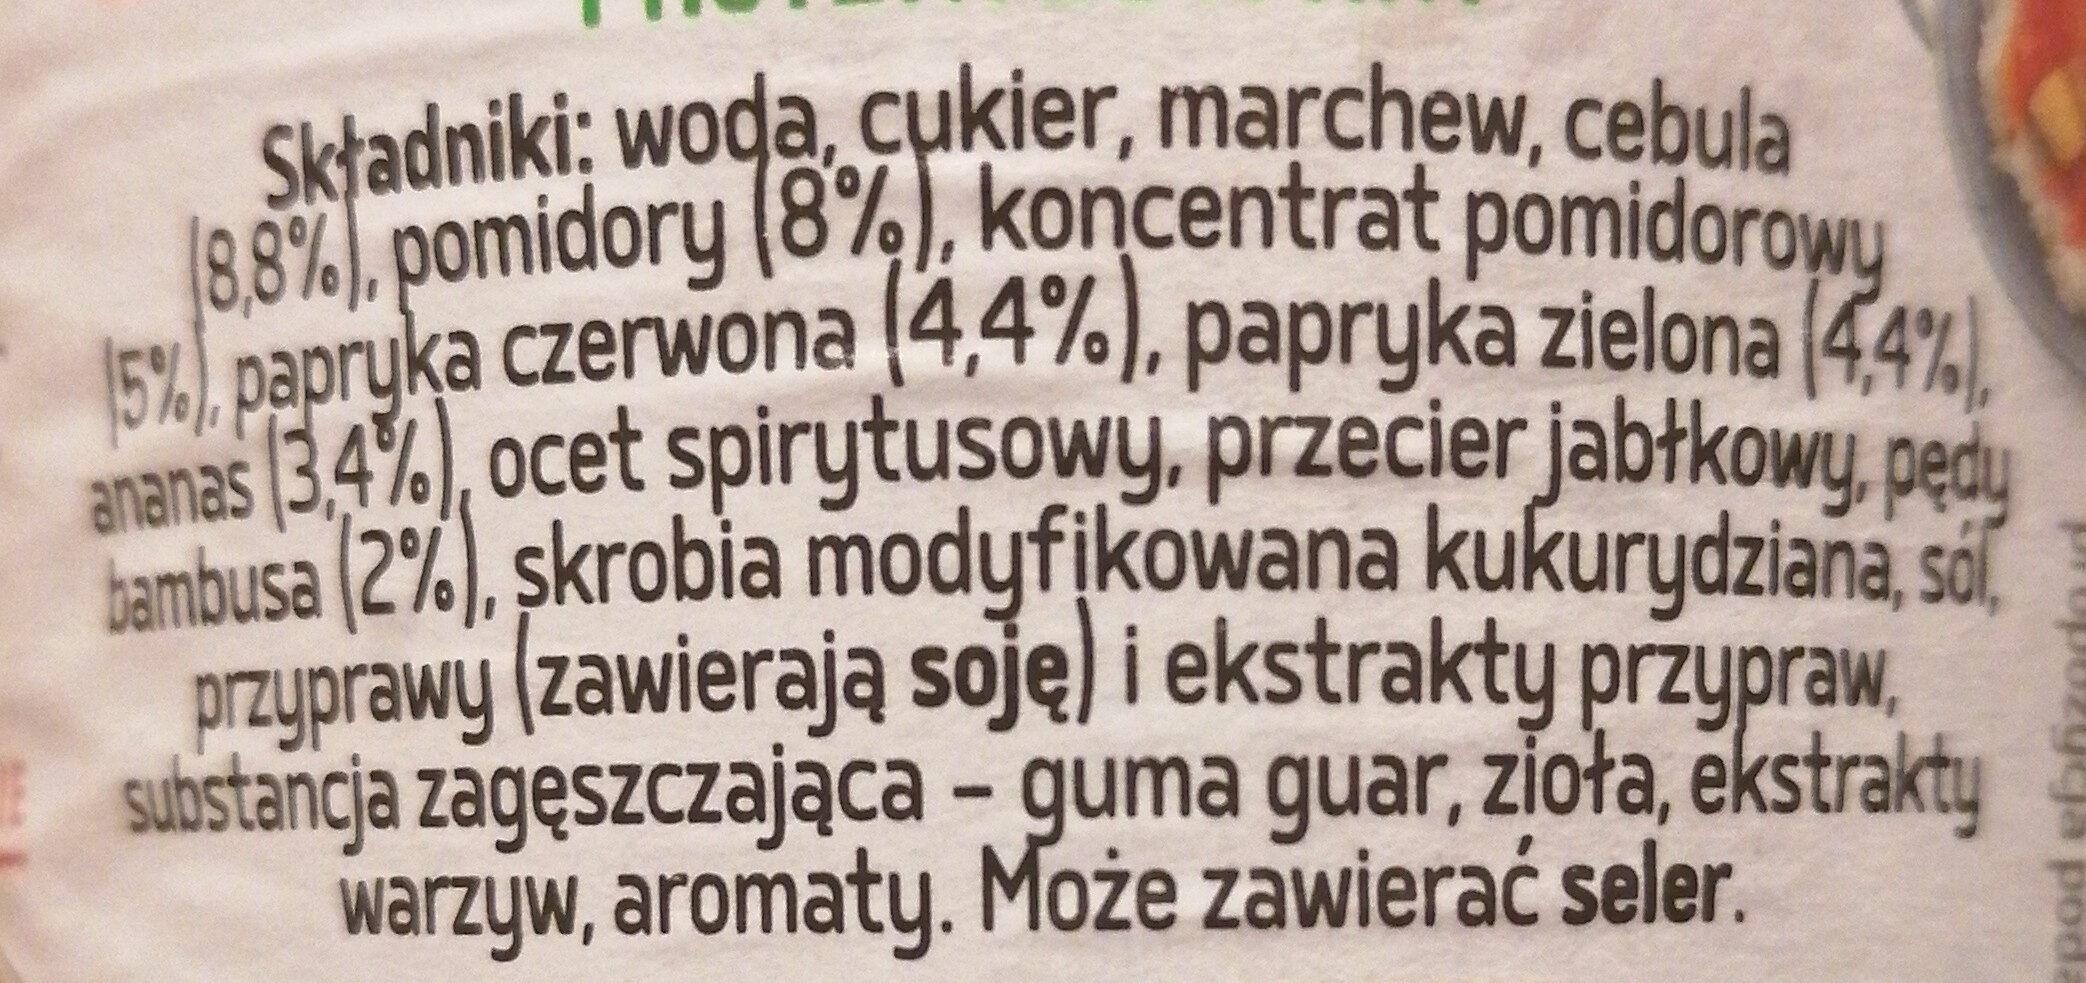 Sos słodko-kwaśny - Składniki - pl